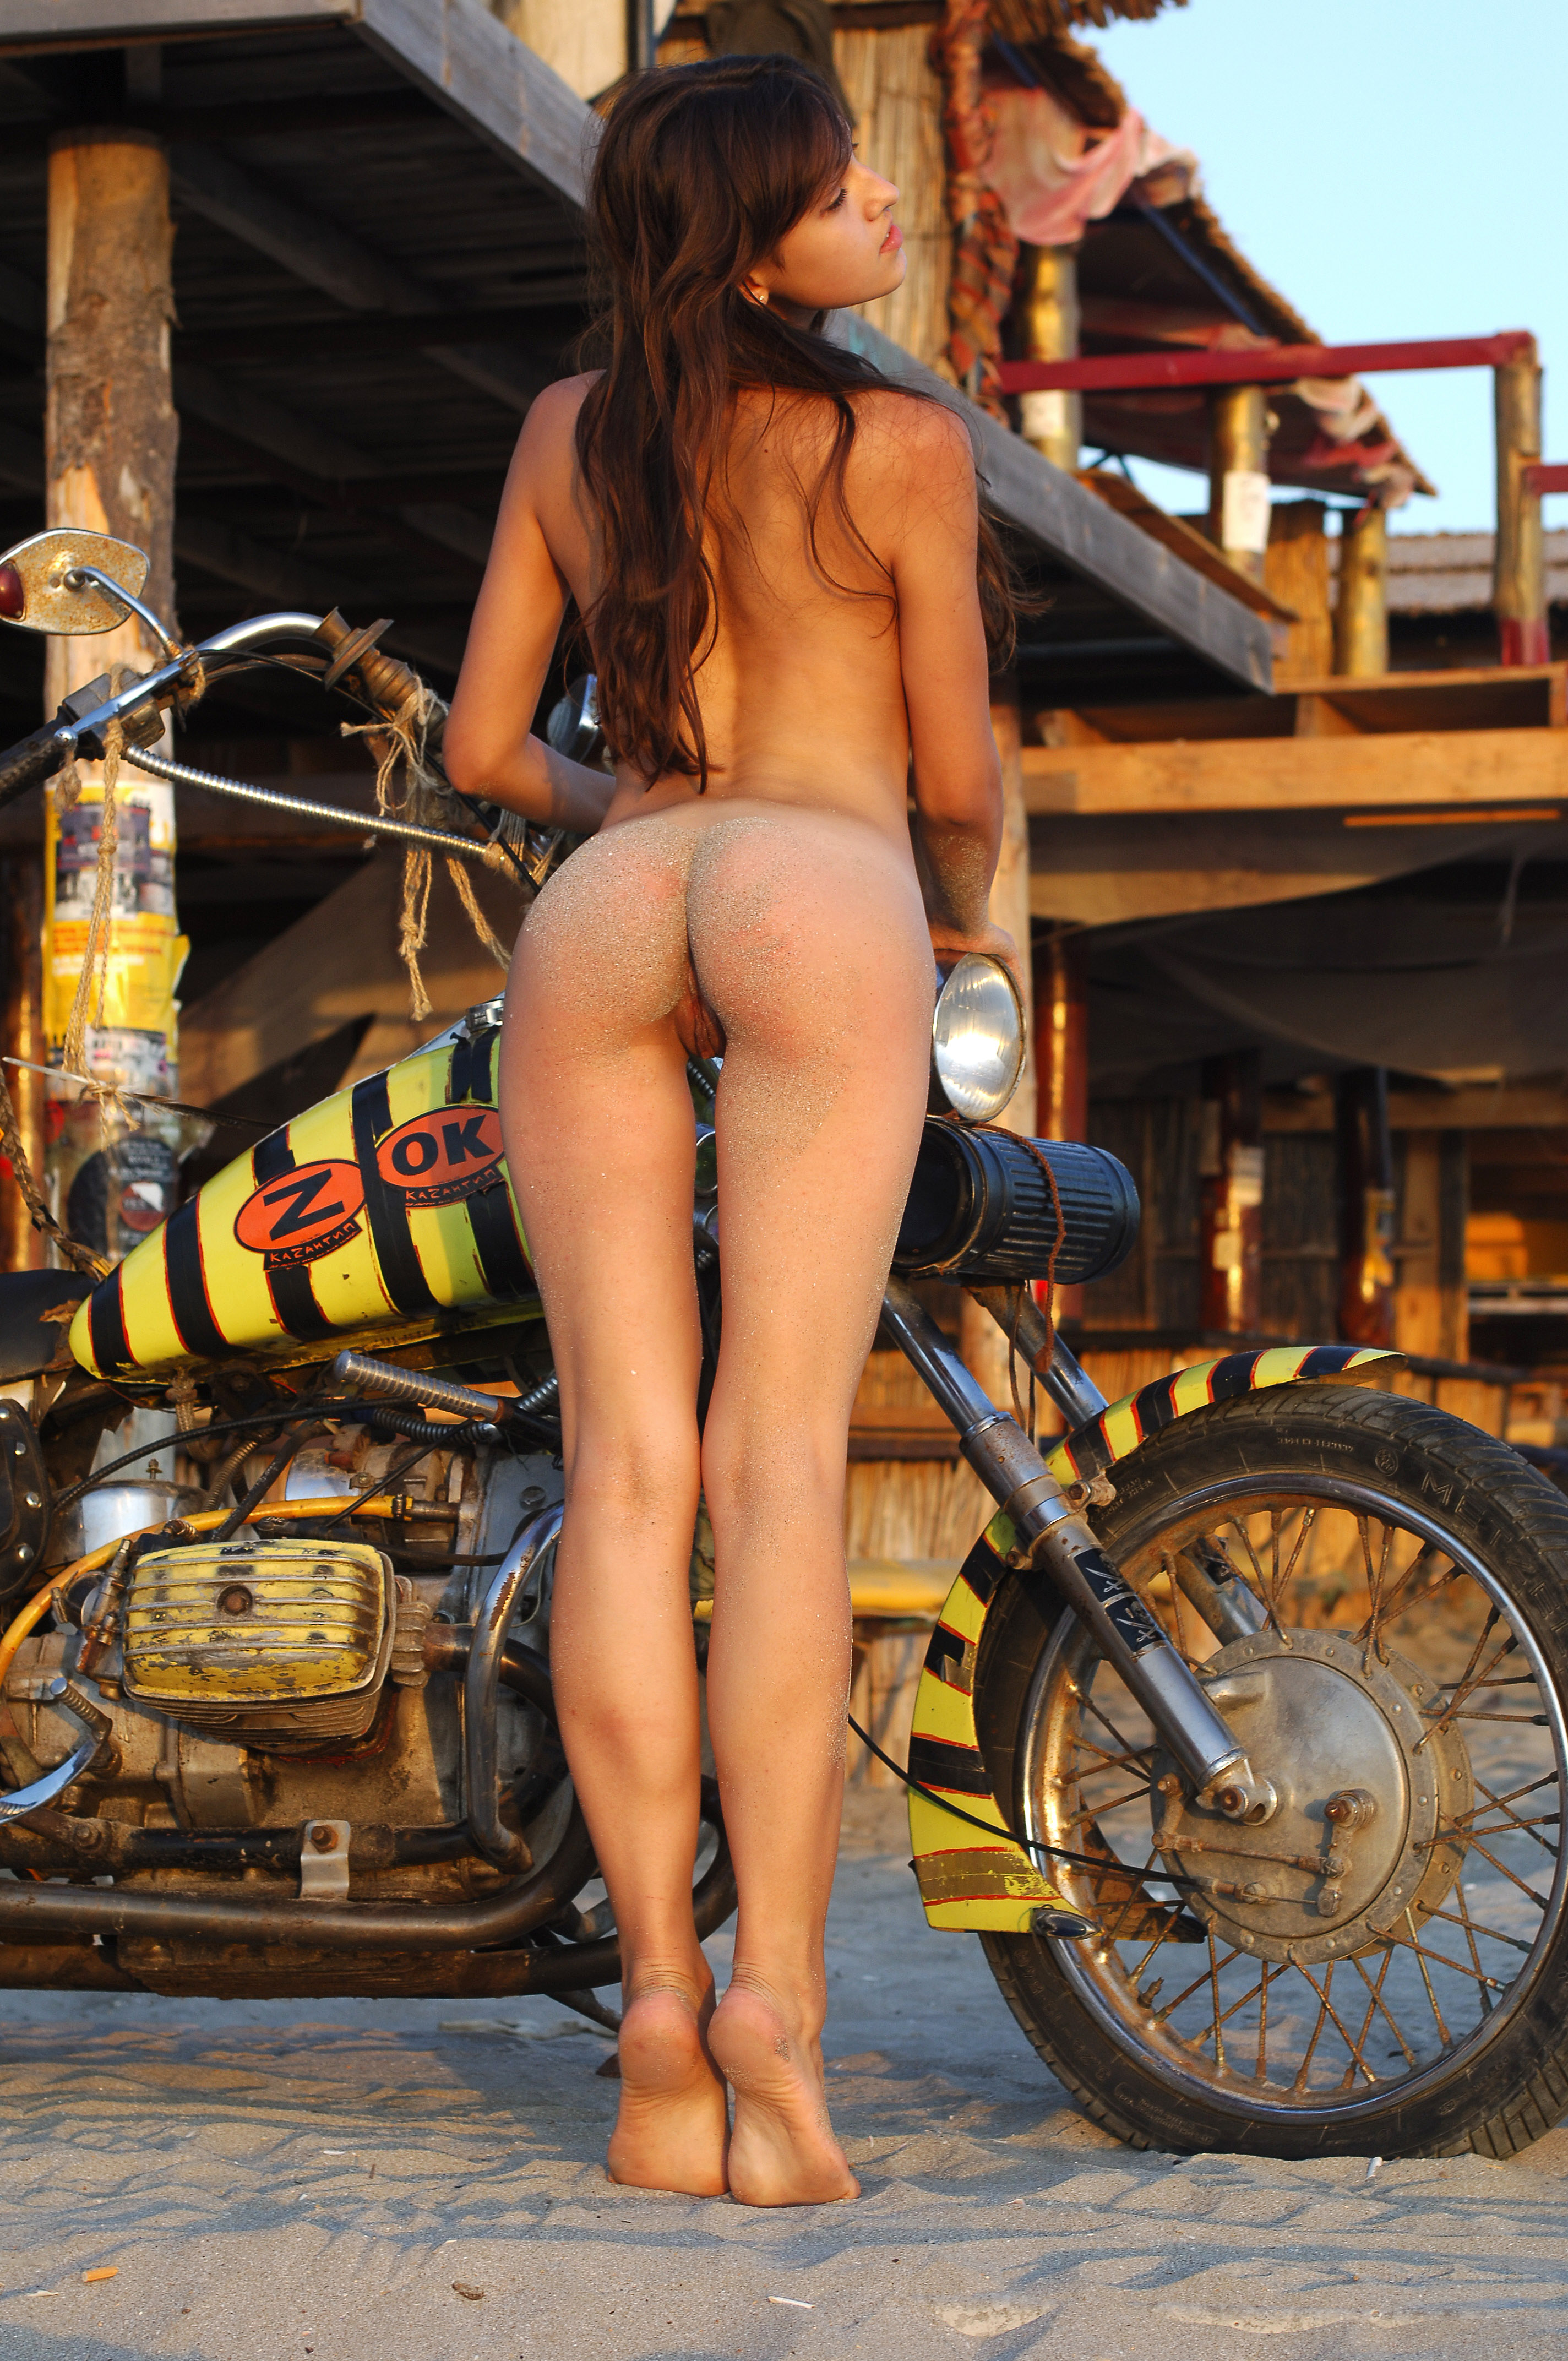 Erotic motorcbikers nackt scenes